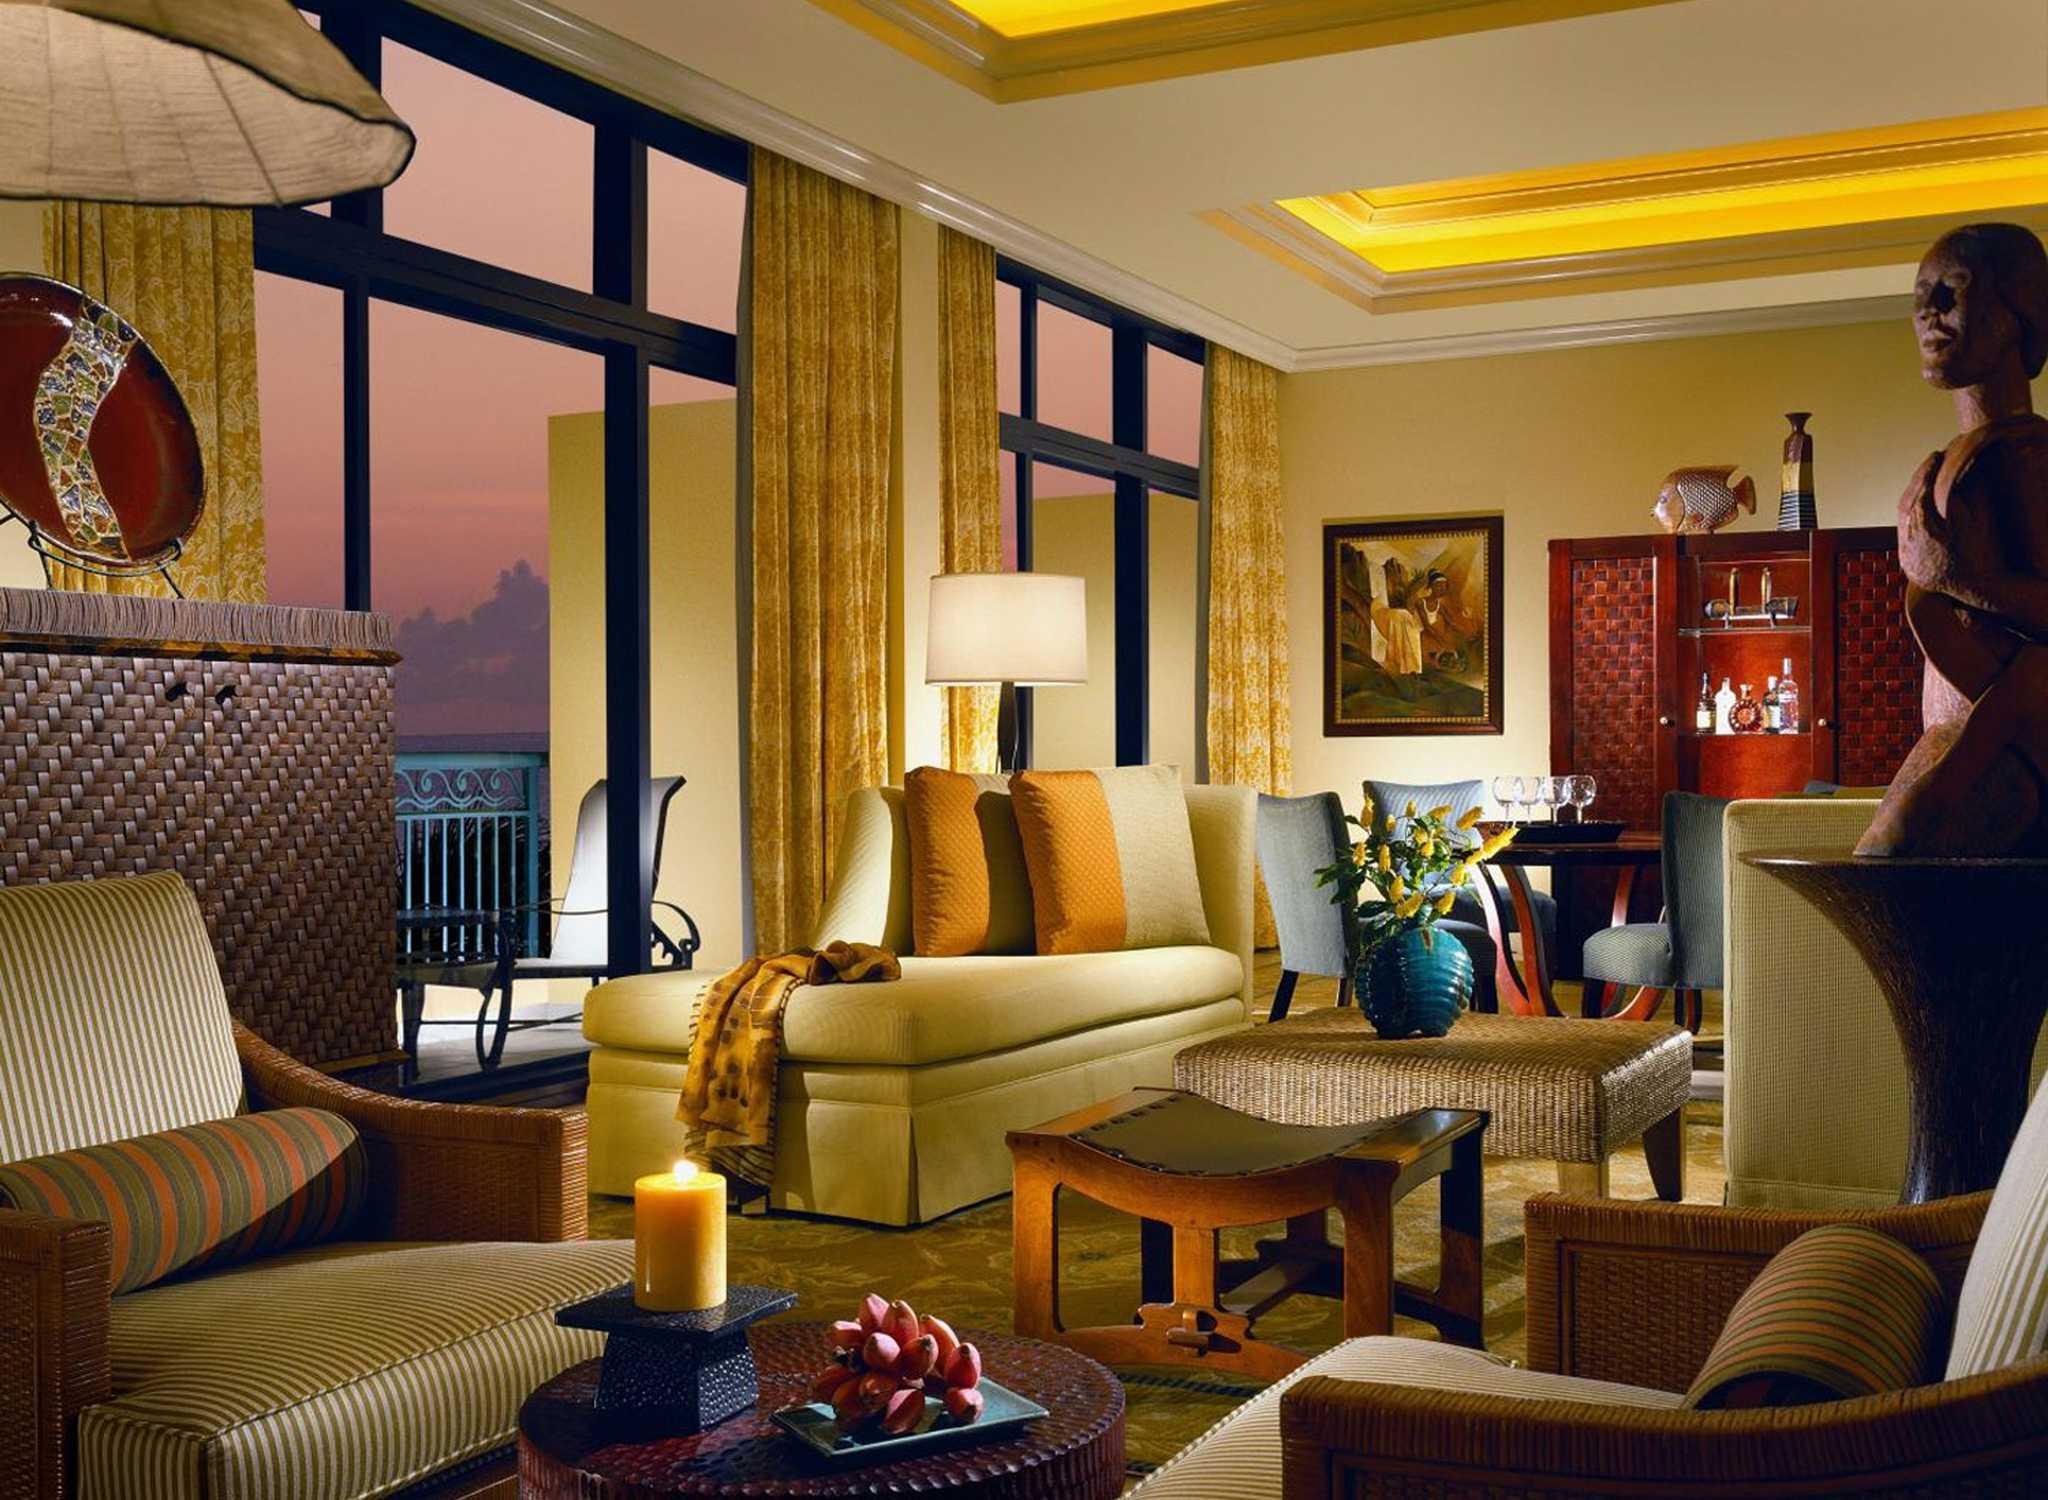 Resorts auf Barbados – Informationen zum Hilton Barbados Hotel